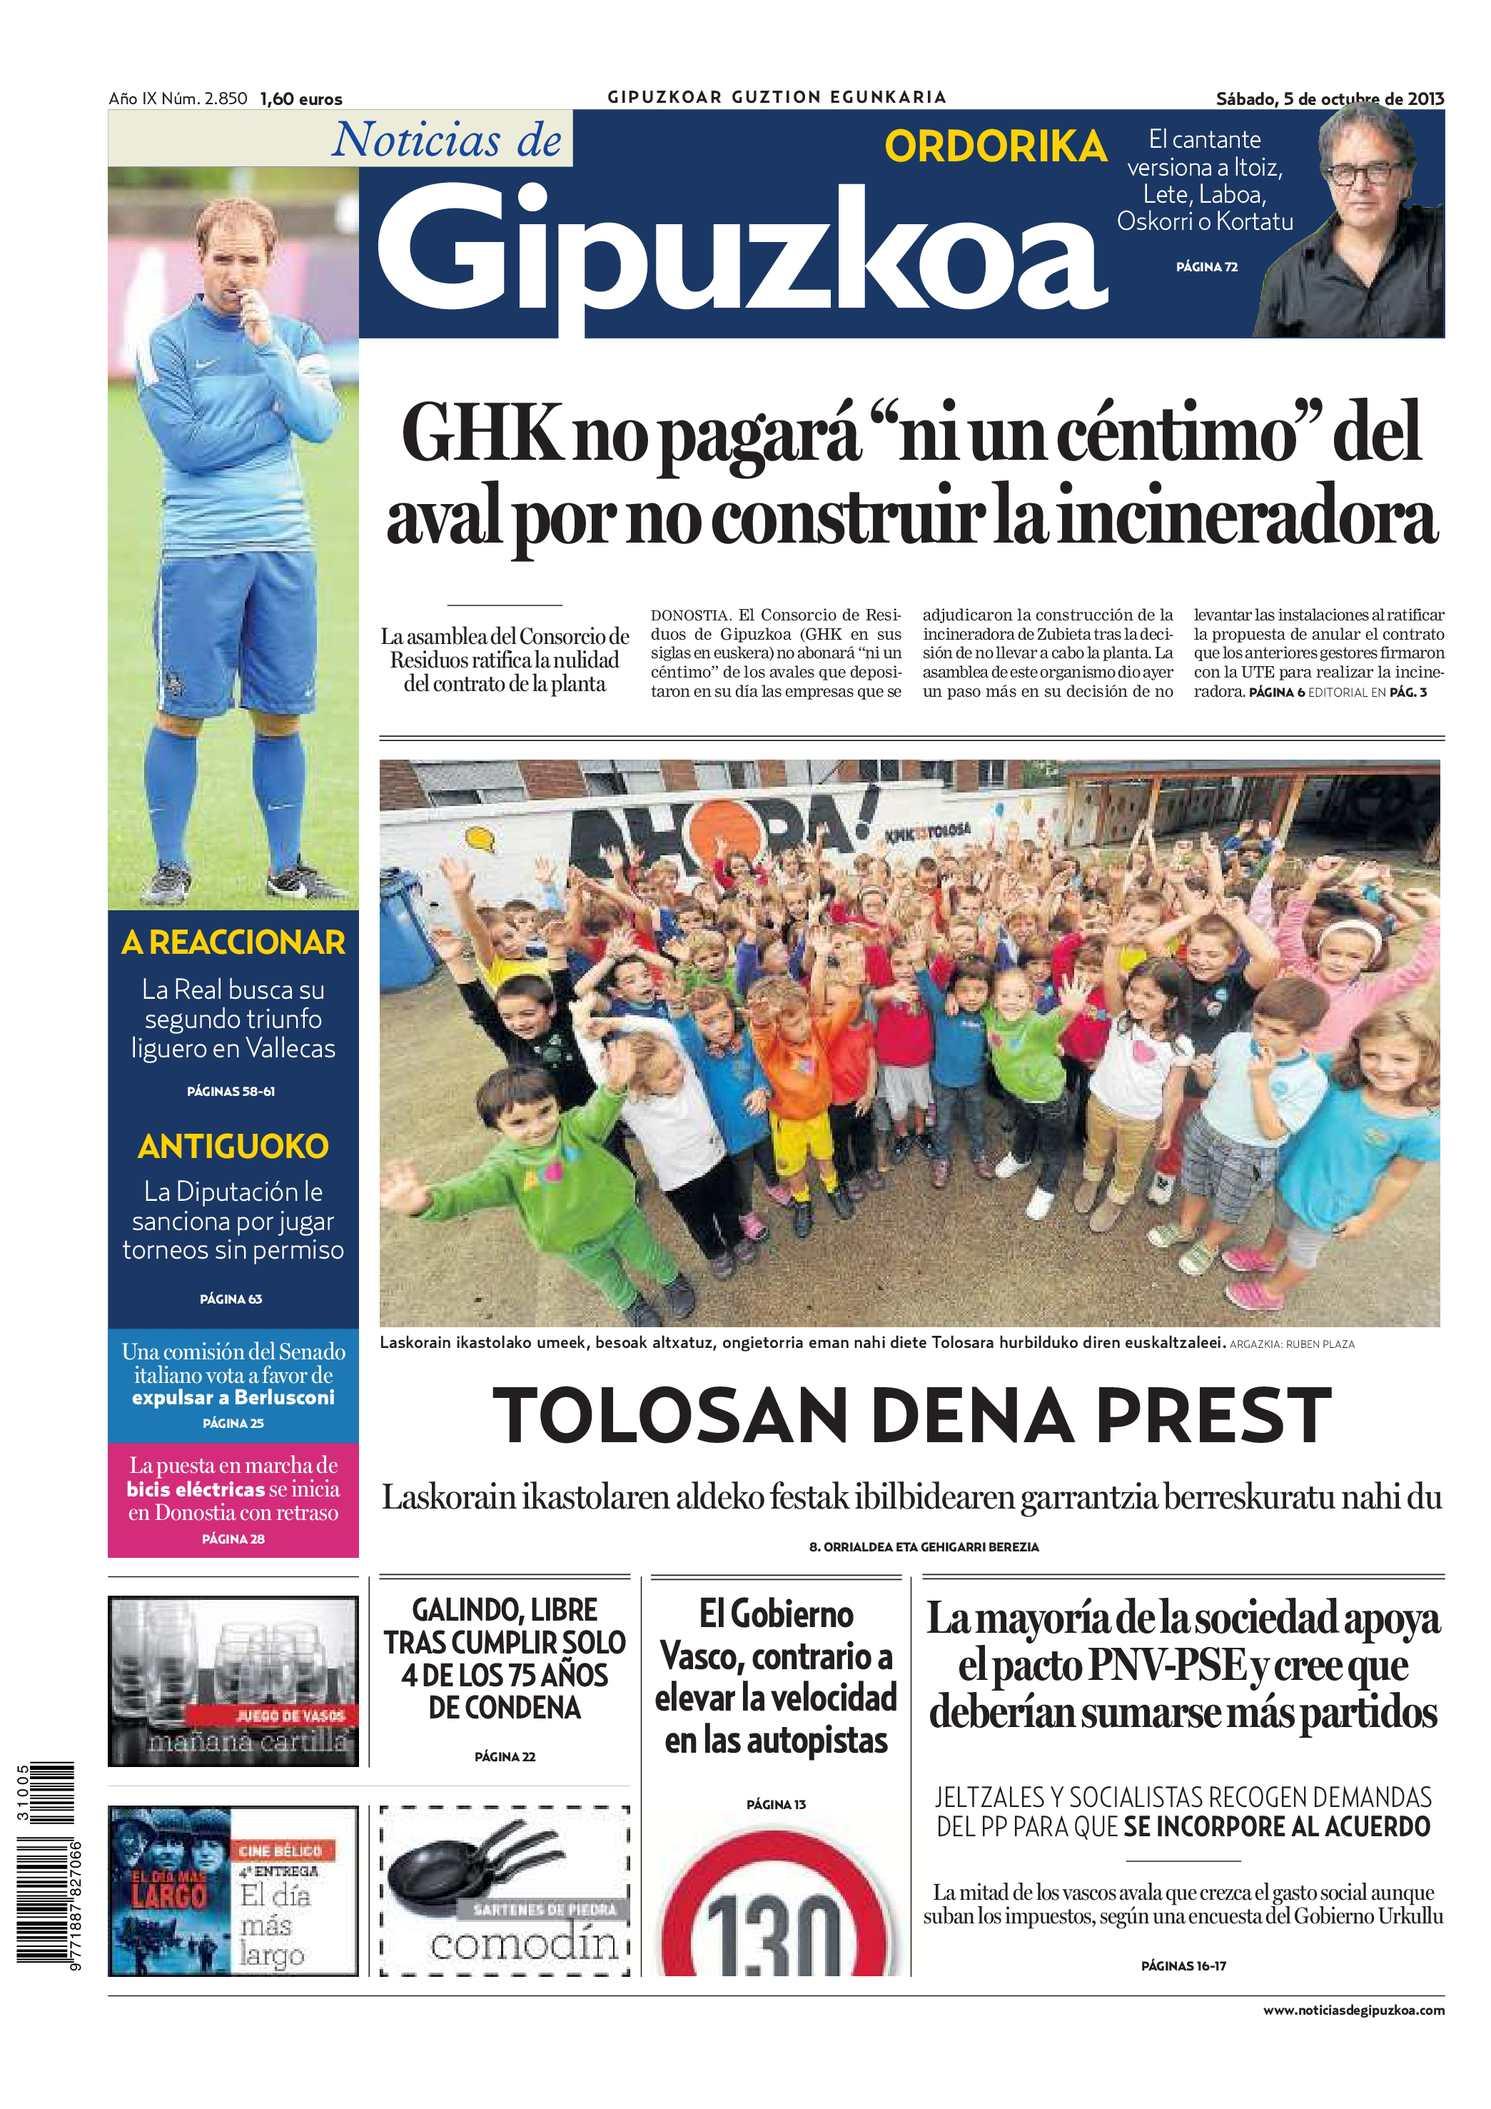 9a7d333ba38 Calaméo - Noticias de Gipuzkoa 20131005